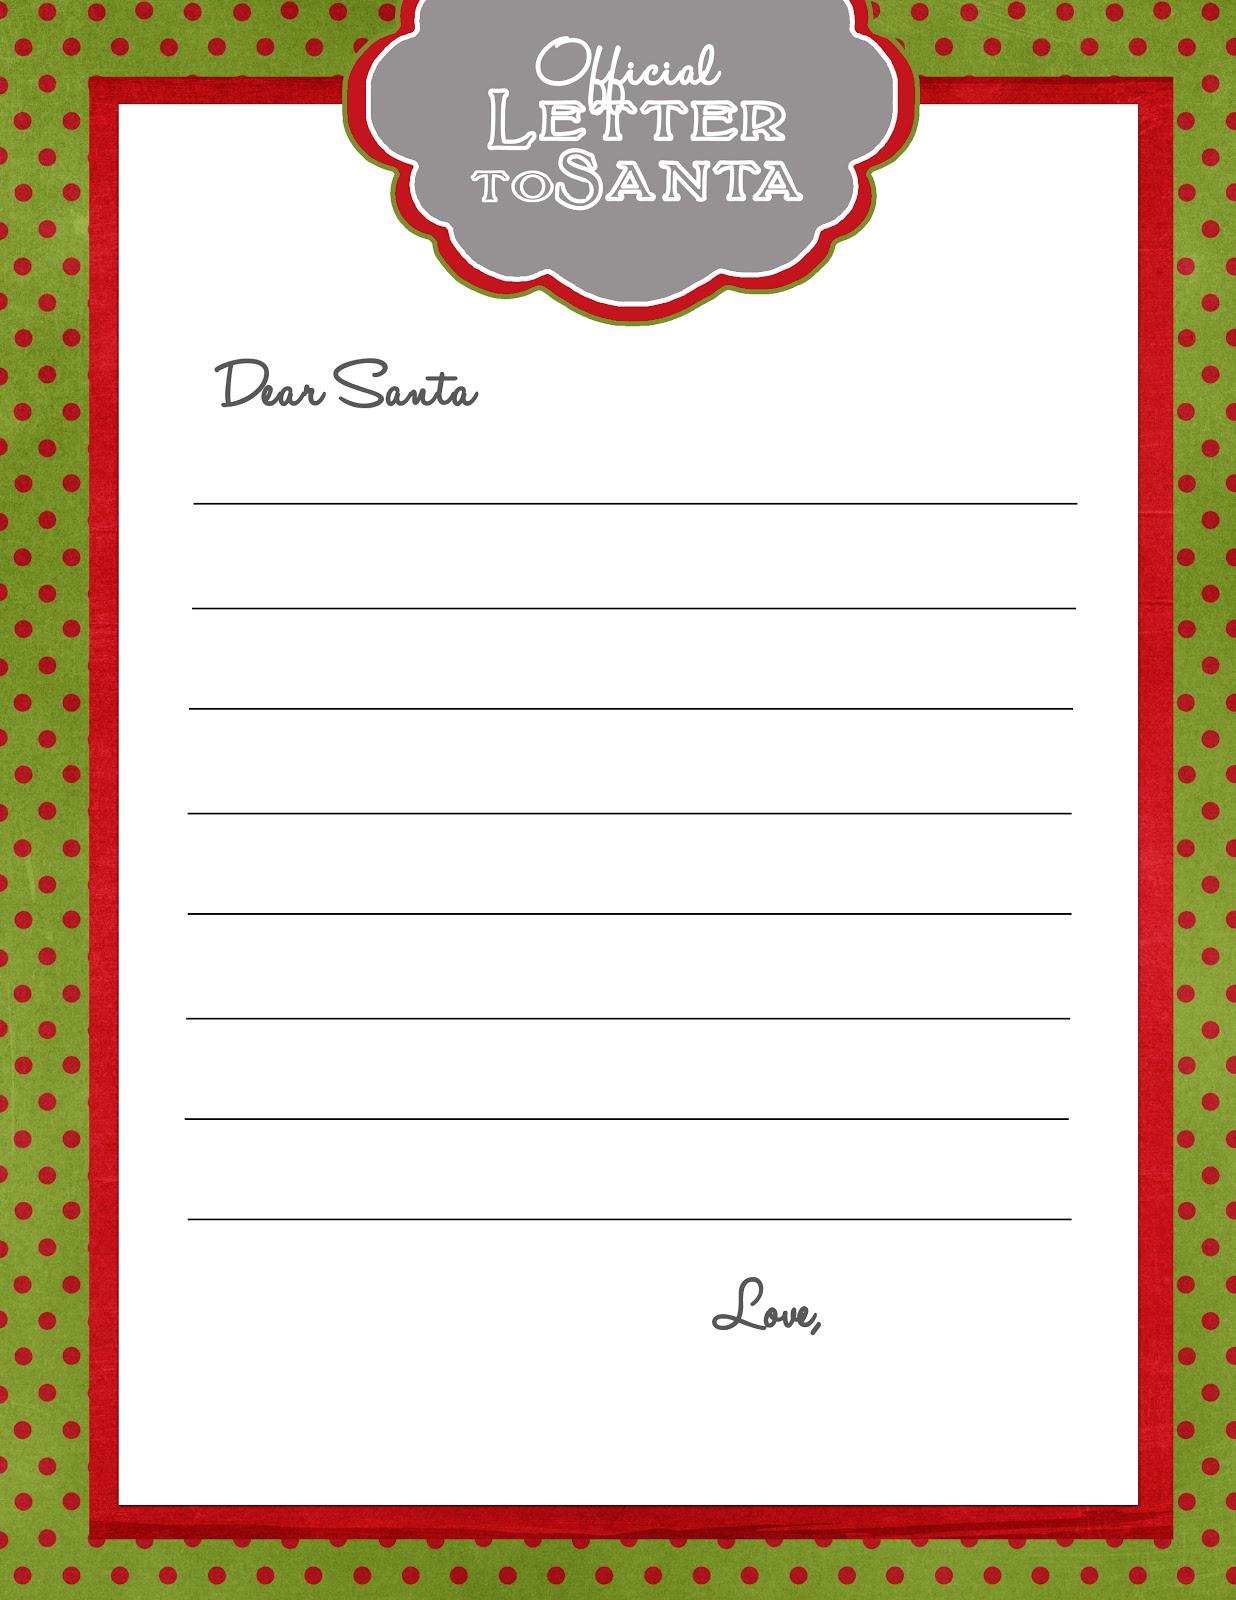 Letter From Santa Envelope Template - WeSharePics